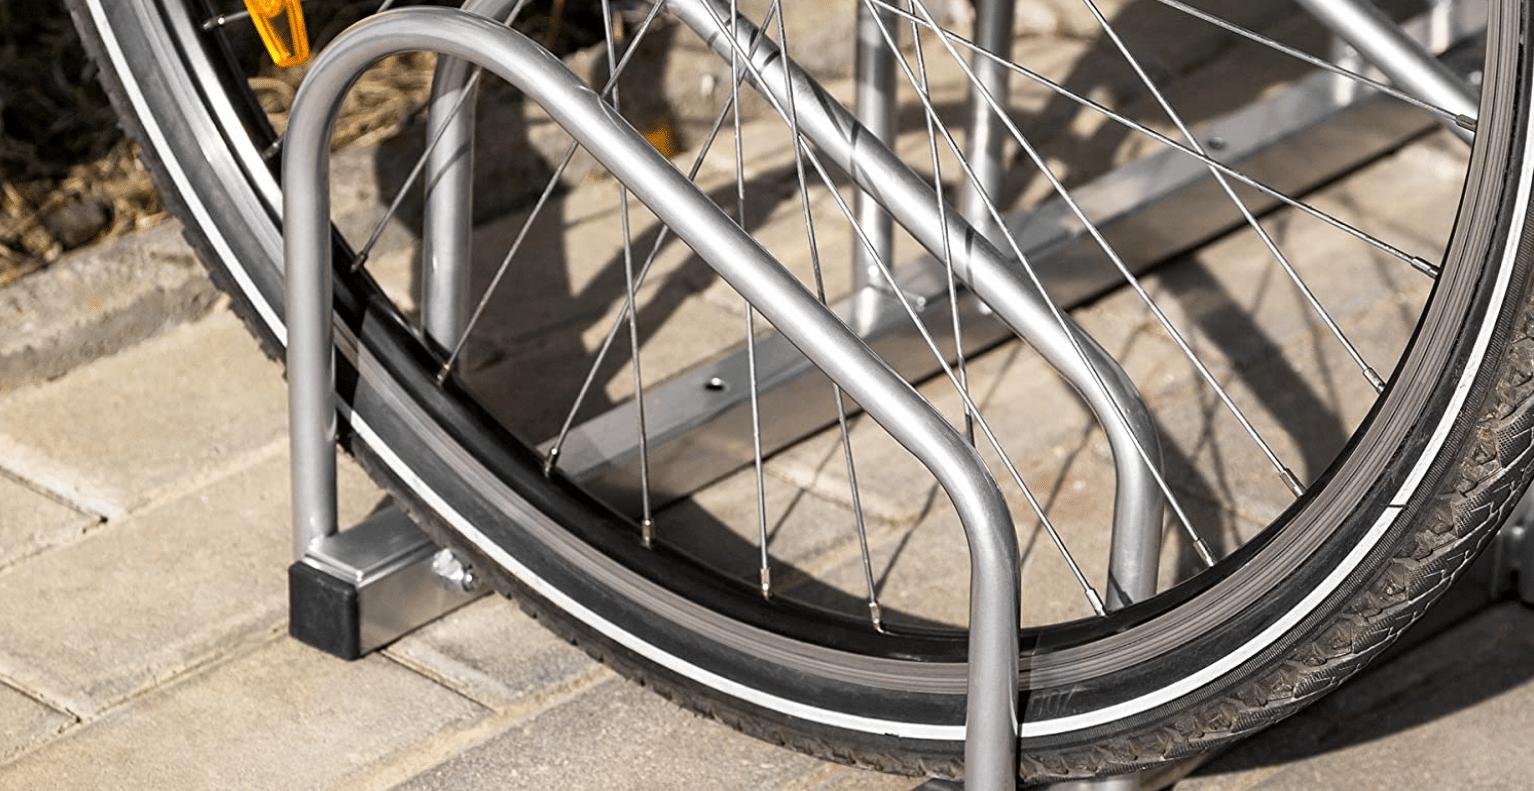 Conseils pour bien choisir son râtelier range-vélo